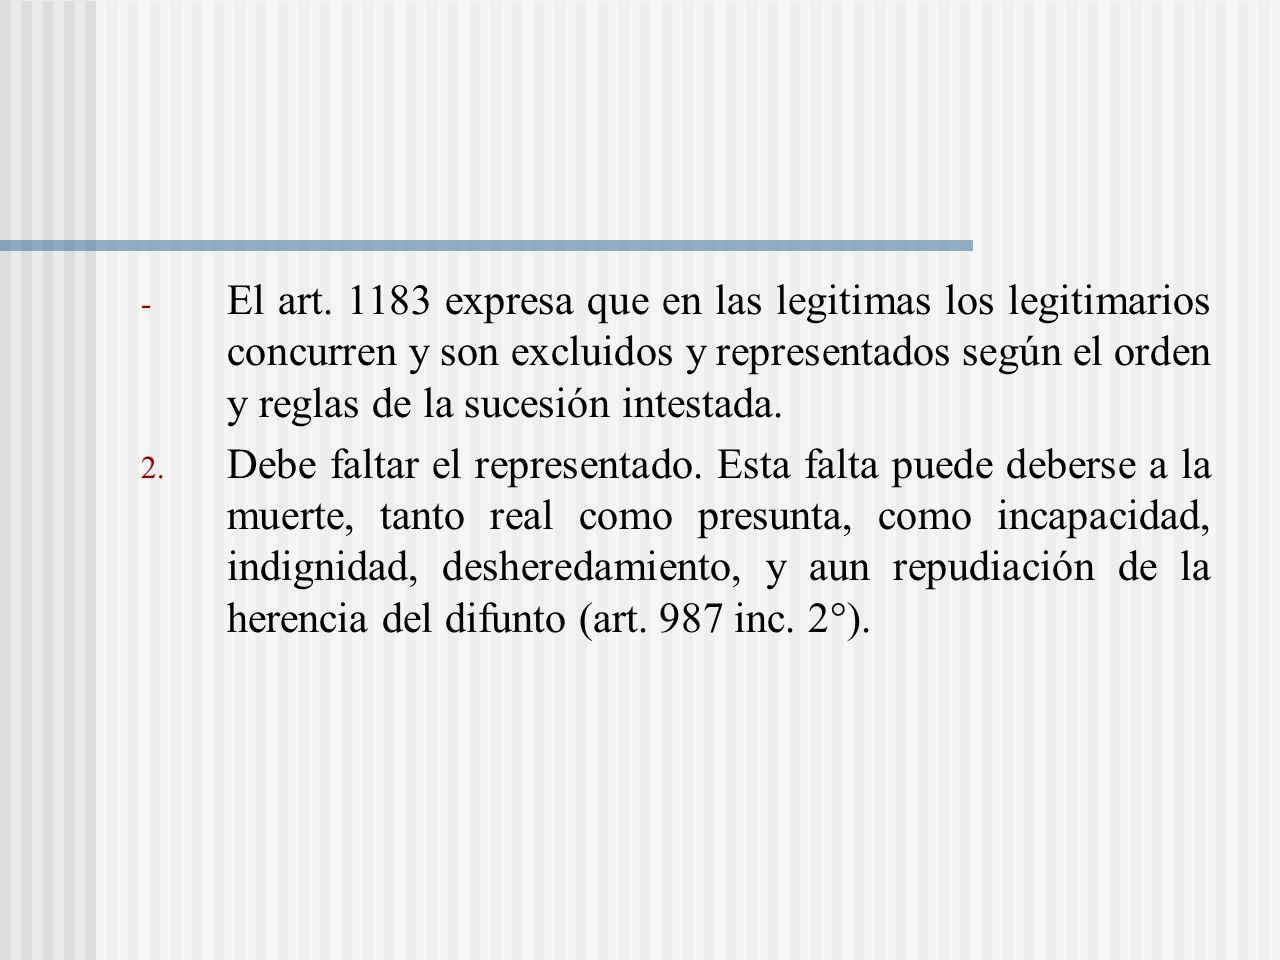 El art. 1183 expresa que en las legitimas los legitimarios concurren y son excluidos y representados según el orden y reglas de la sucesión intestada.